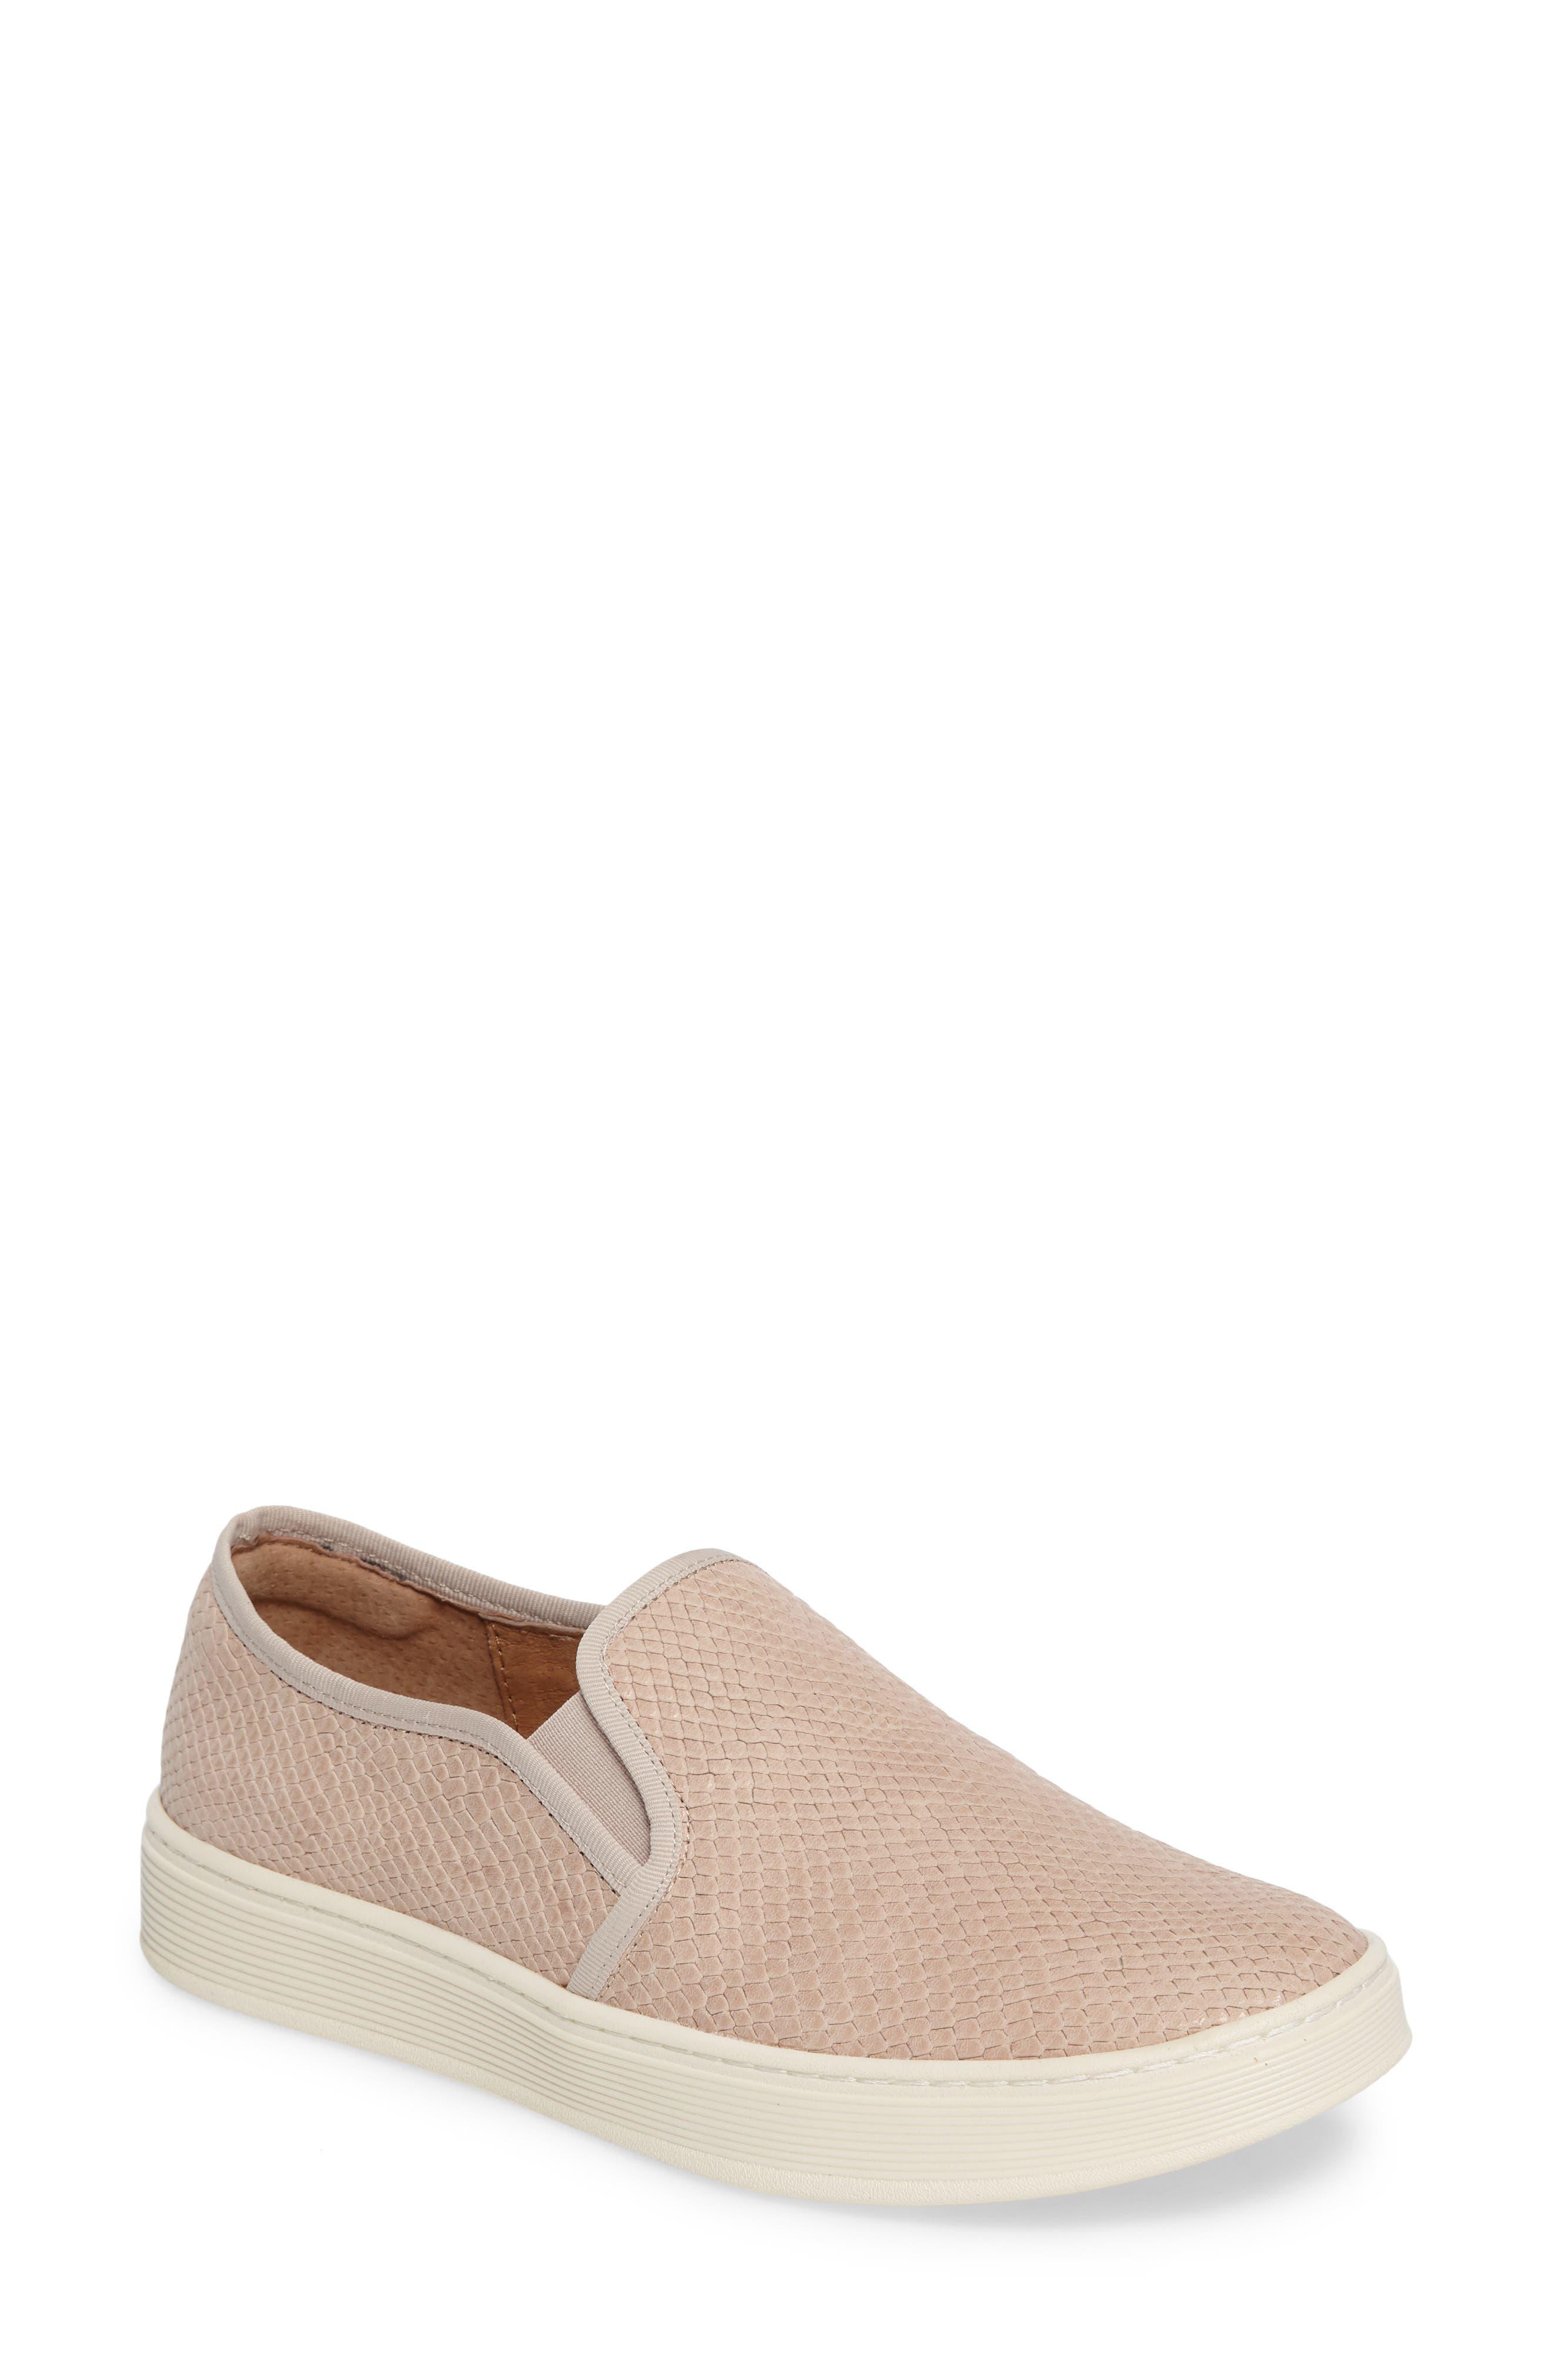 Main Image - Söfft 'Somers' Slip-On Sneaker (Women)